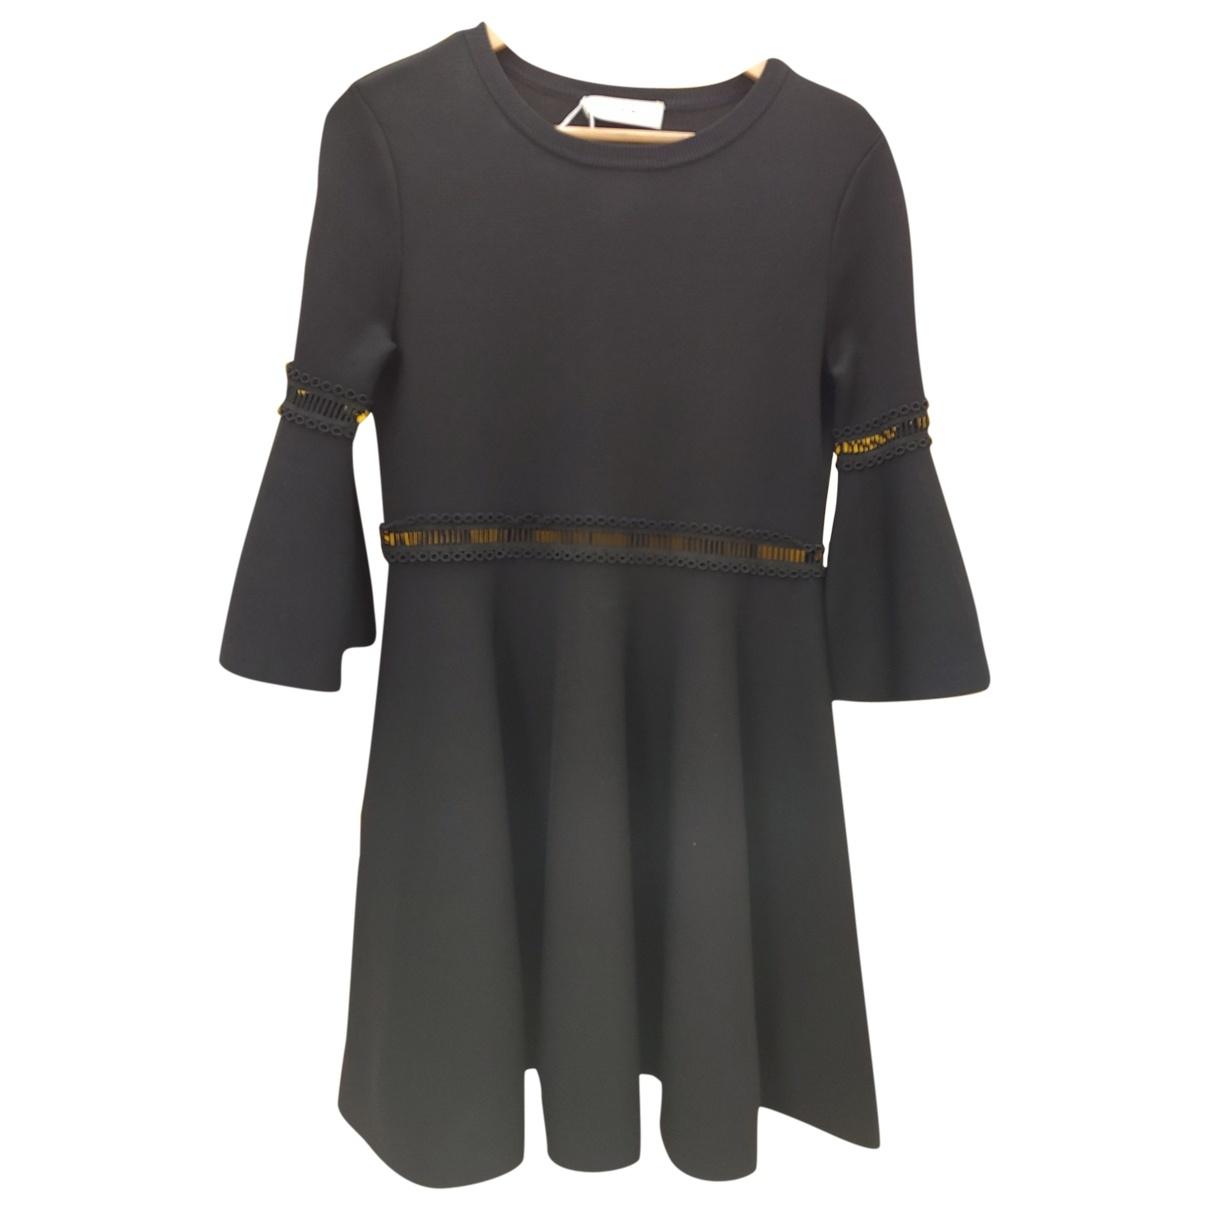 Carven \N Black dress for Women 38 FR